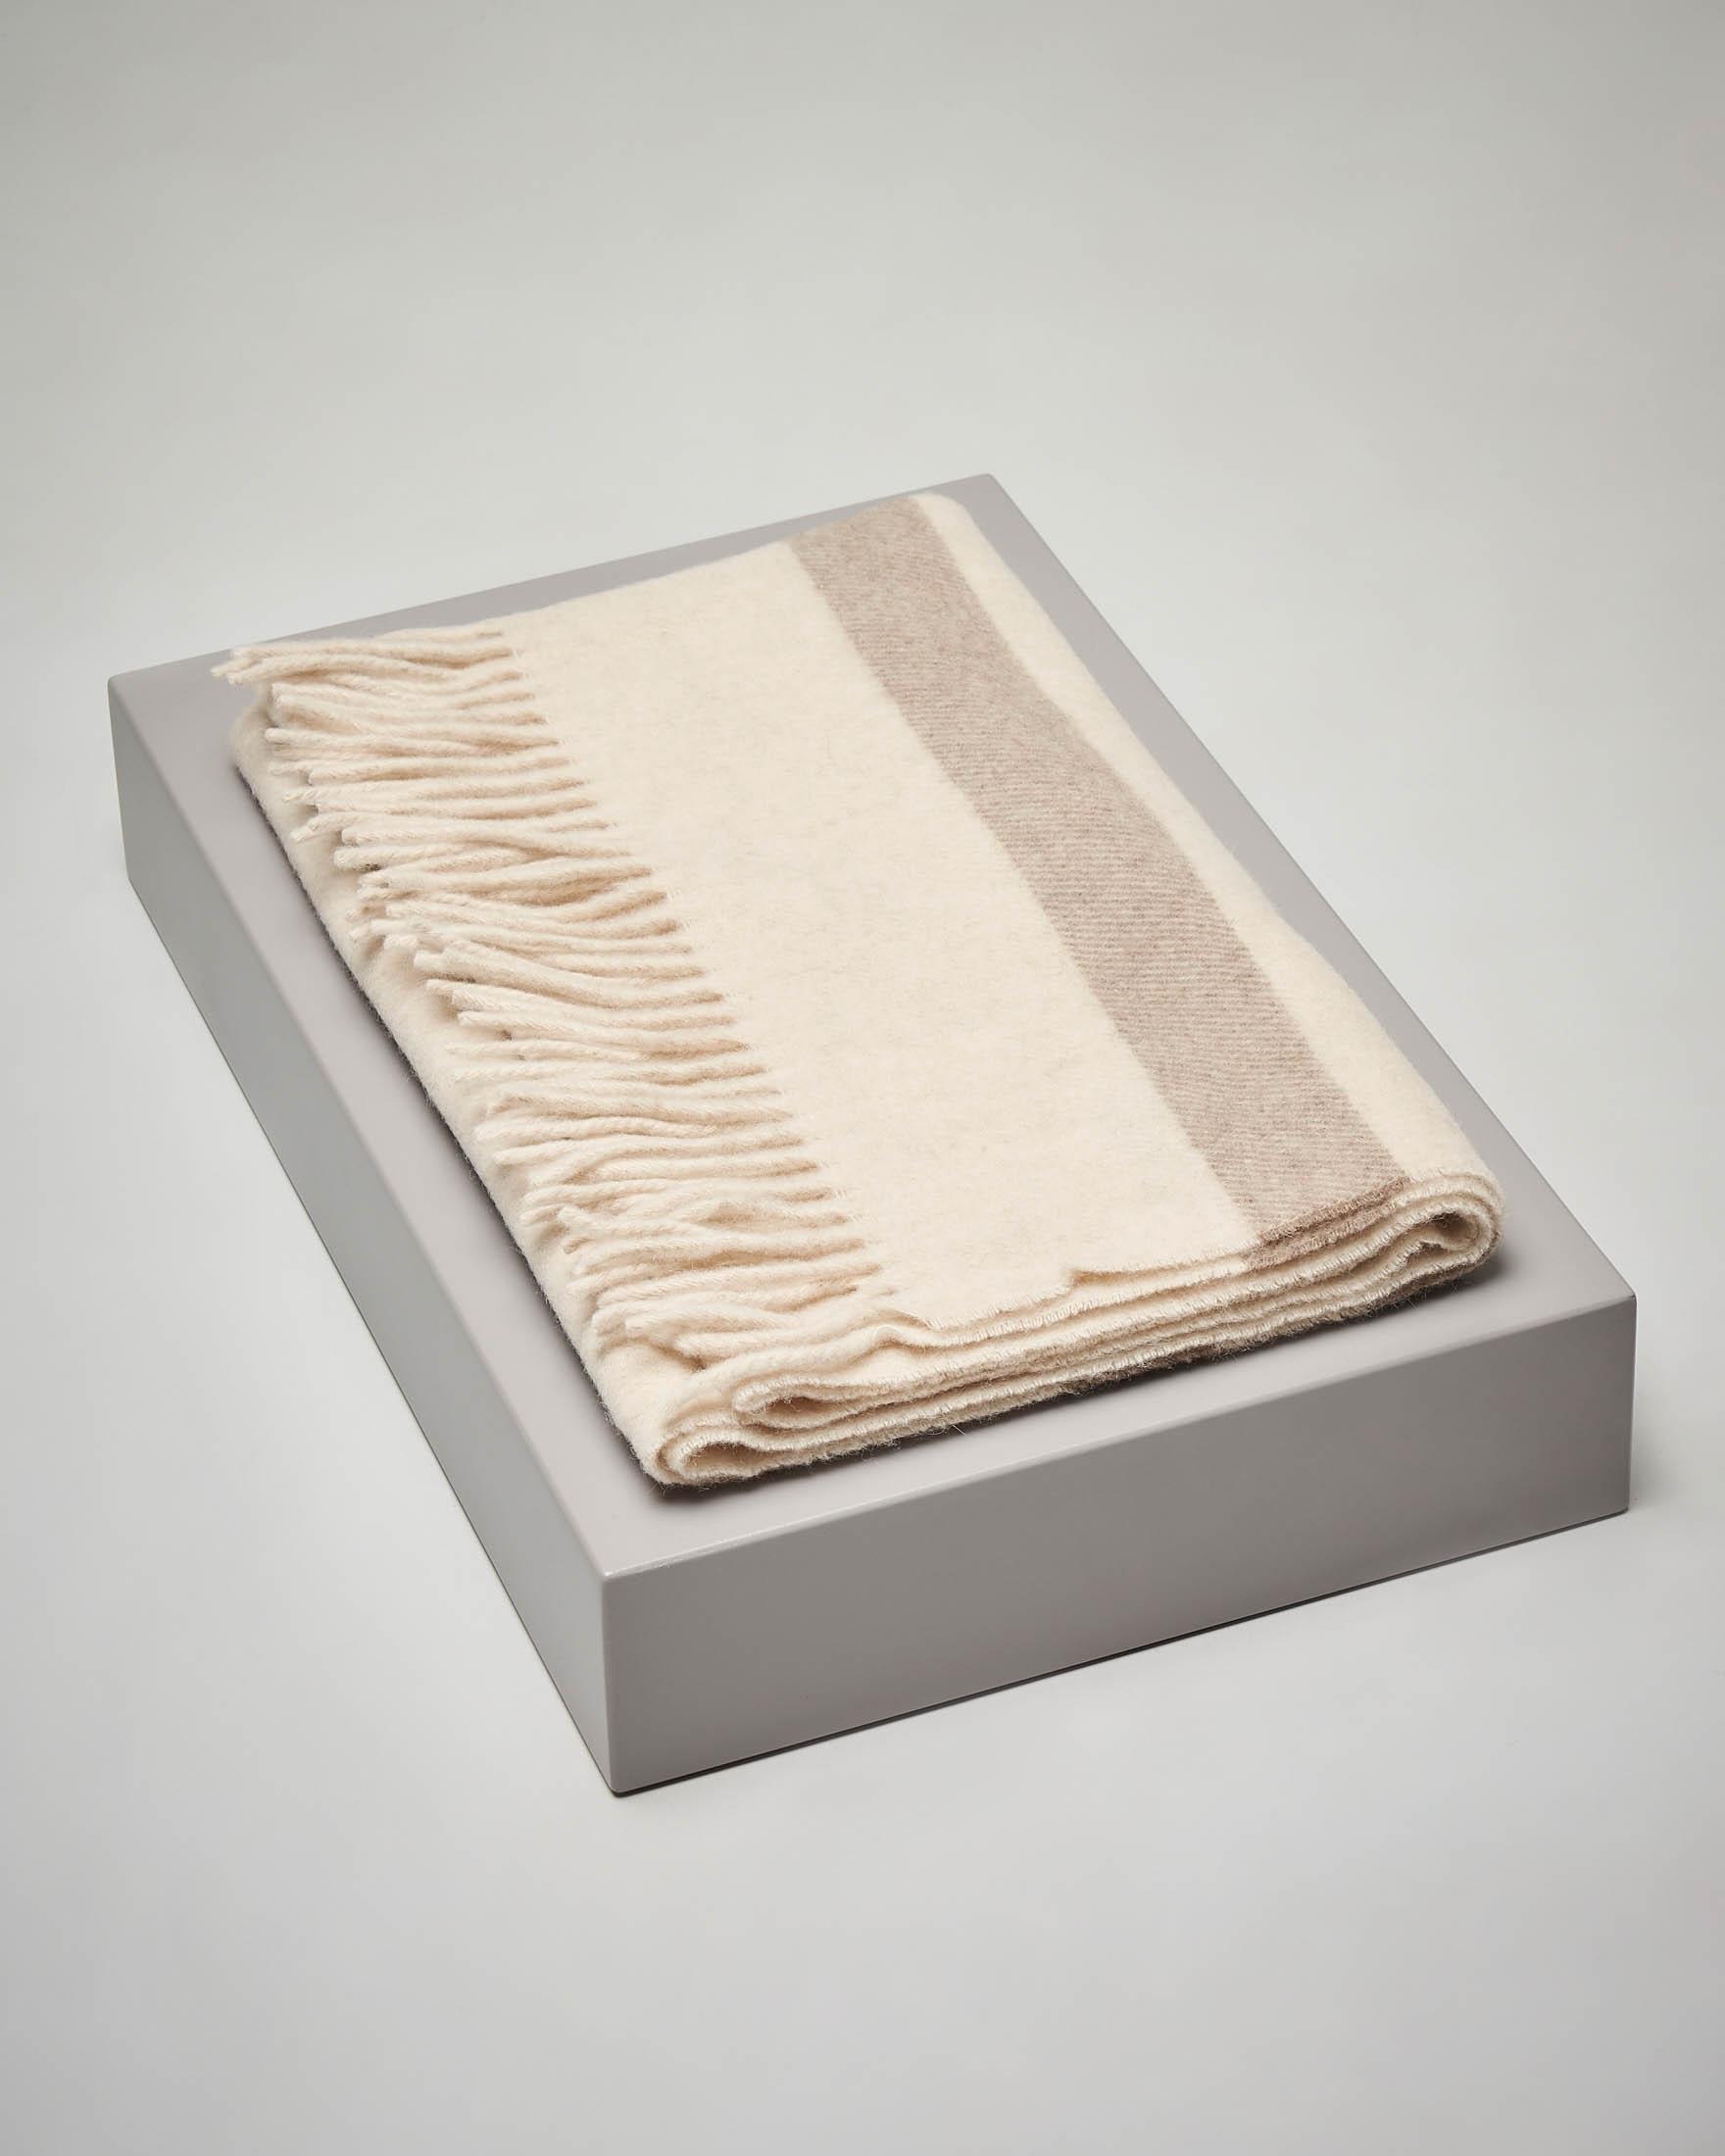 Sciarpa in lana beige a righe color cammello con frange